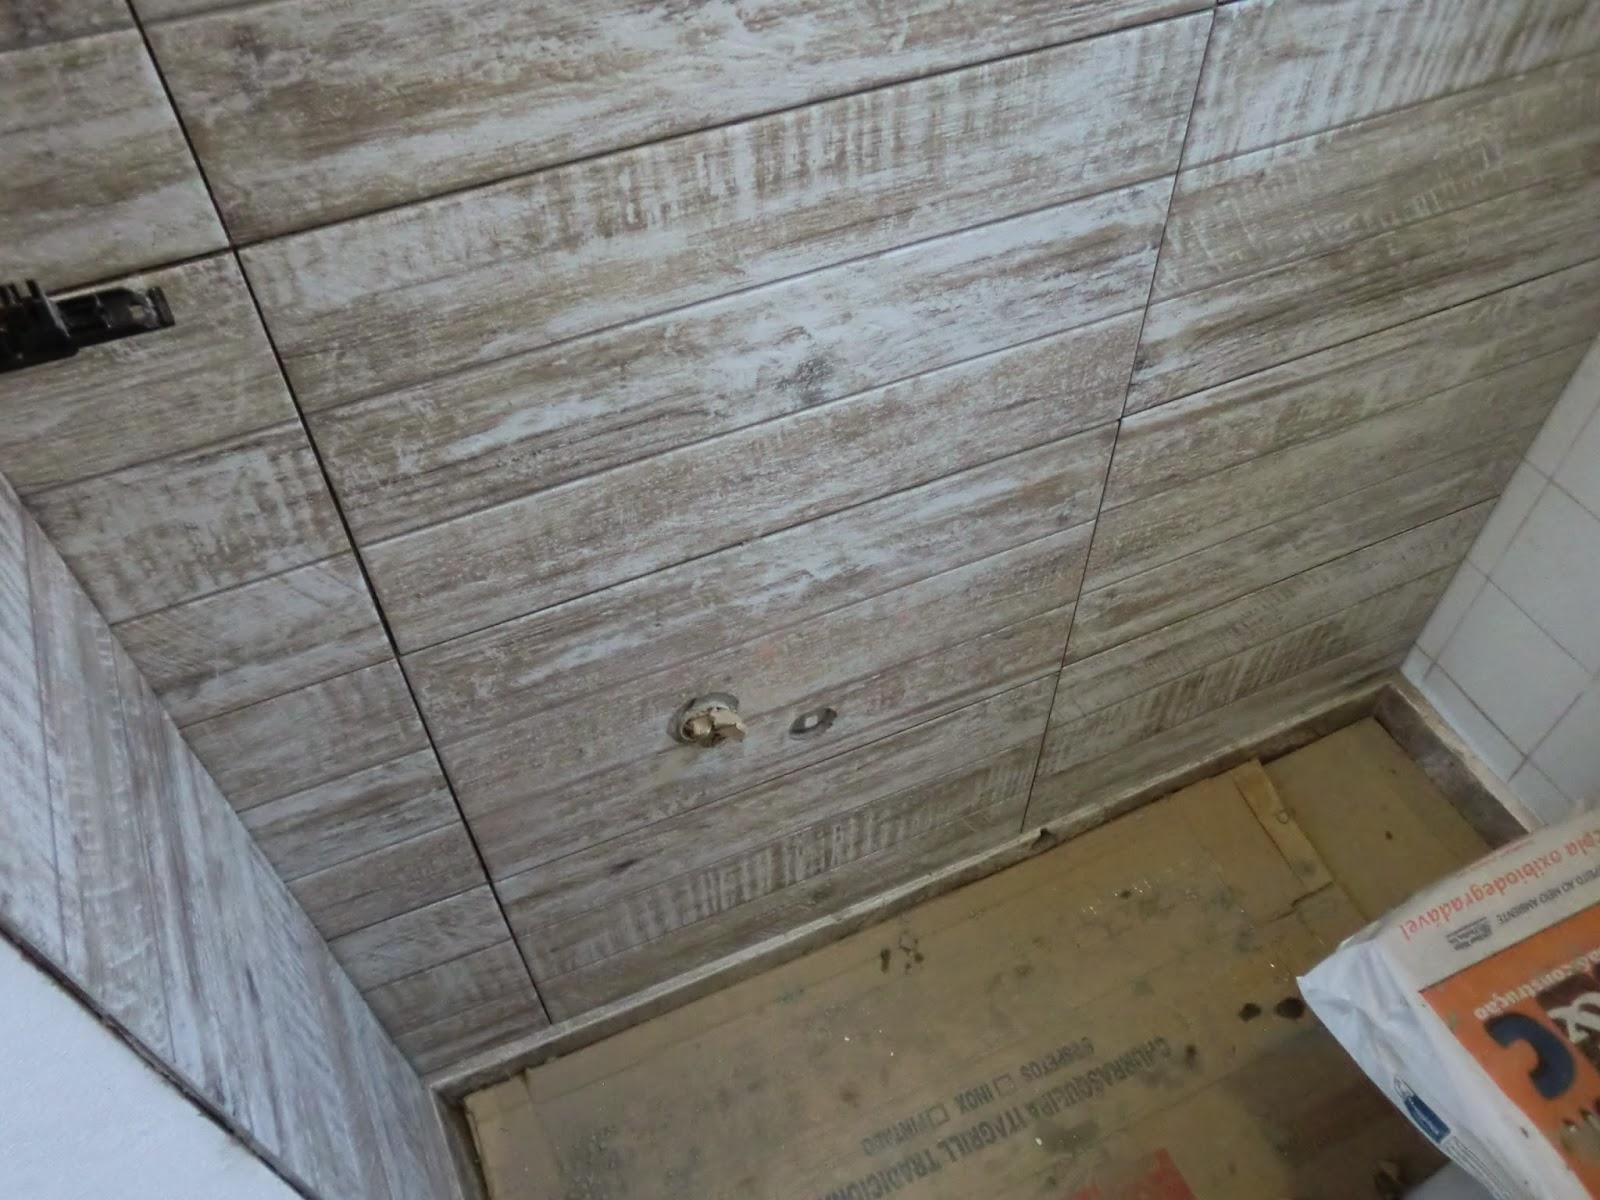 em reforma Durante a Reforma Reforma Barata de Lavabo e Banheiro #605039 1600x1200 Banheiro Com Amadeirado